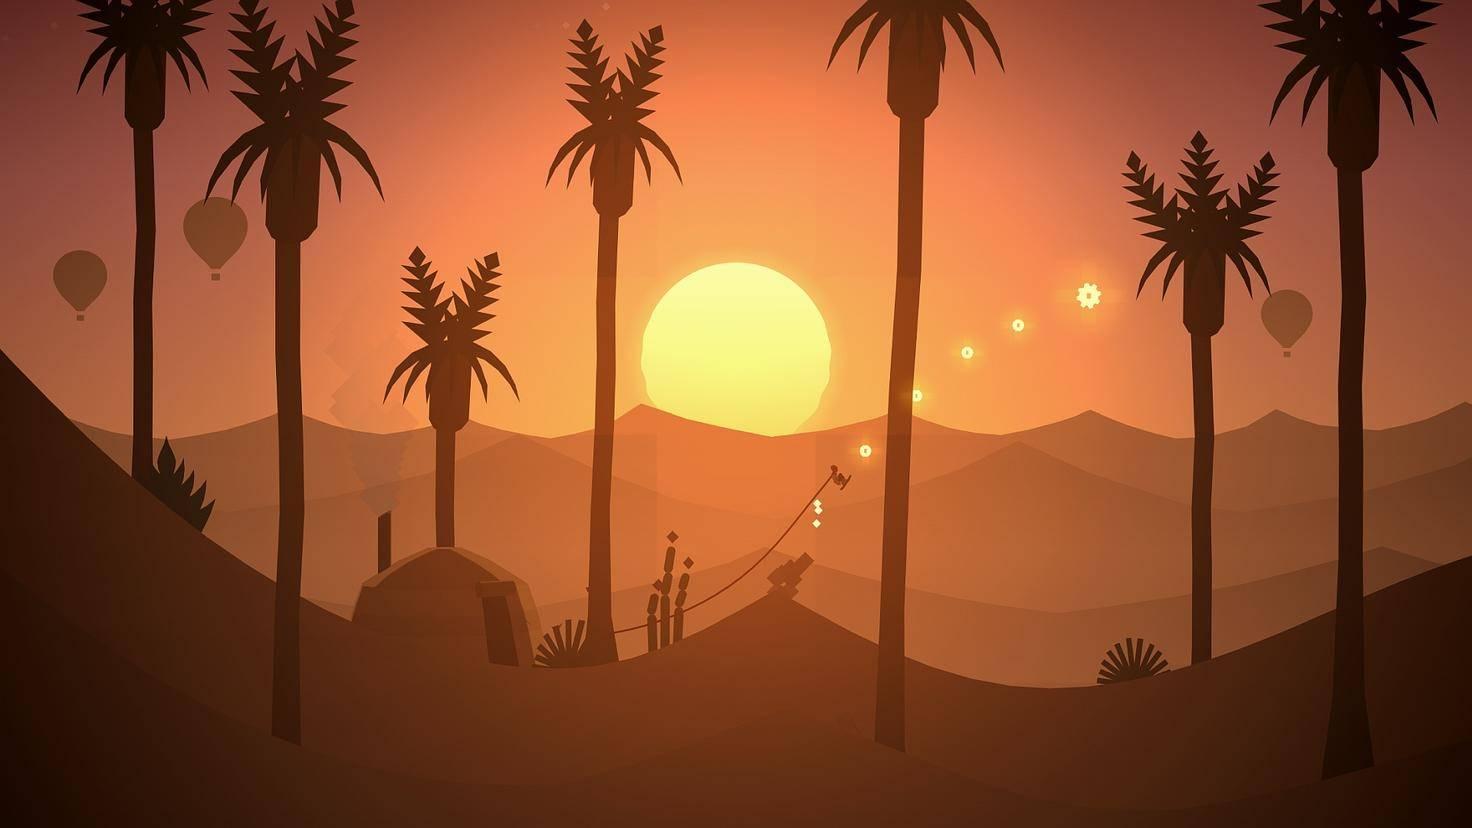 Alto boardet in den Sonnenuntergang.